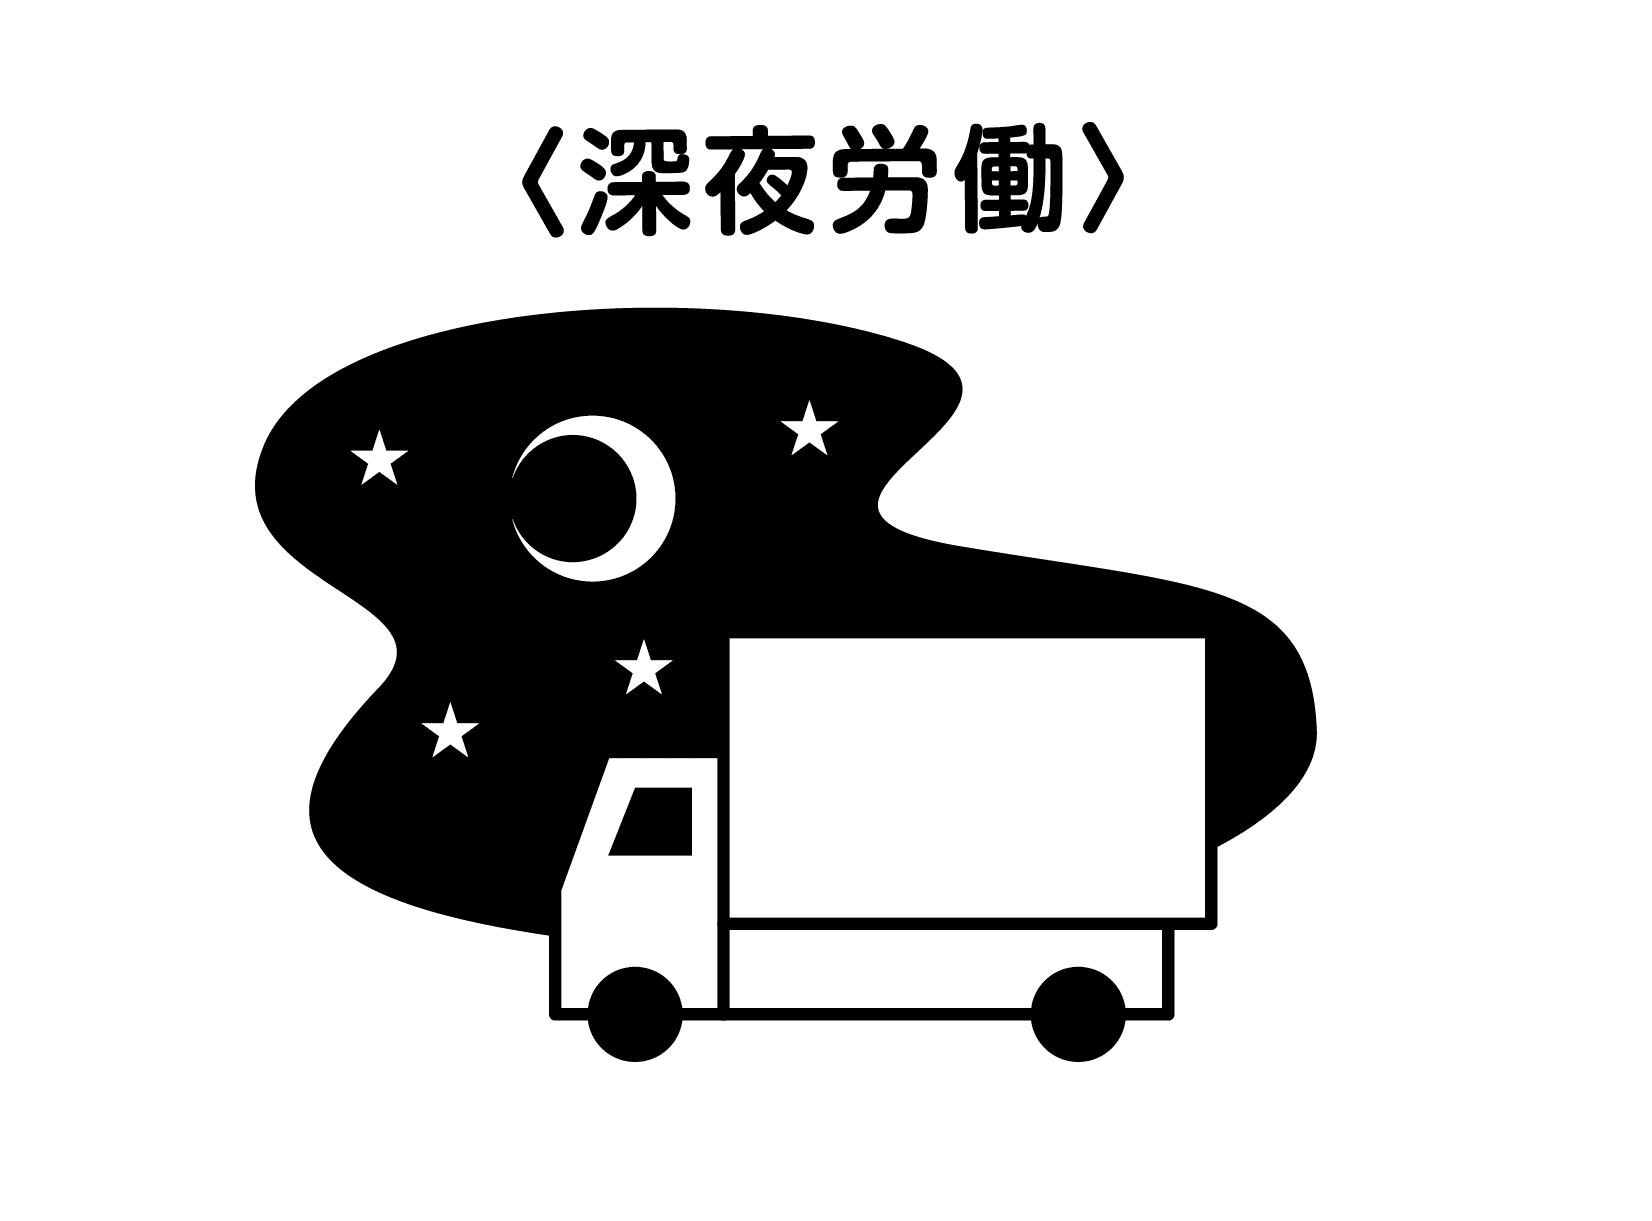 トラック運転手の過酷さ(深夜労働)